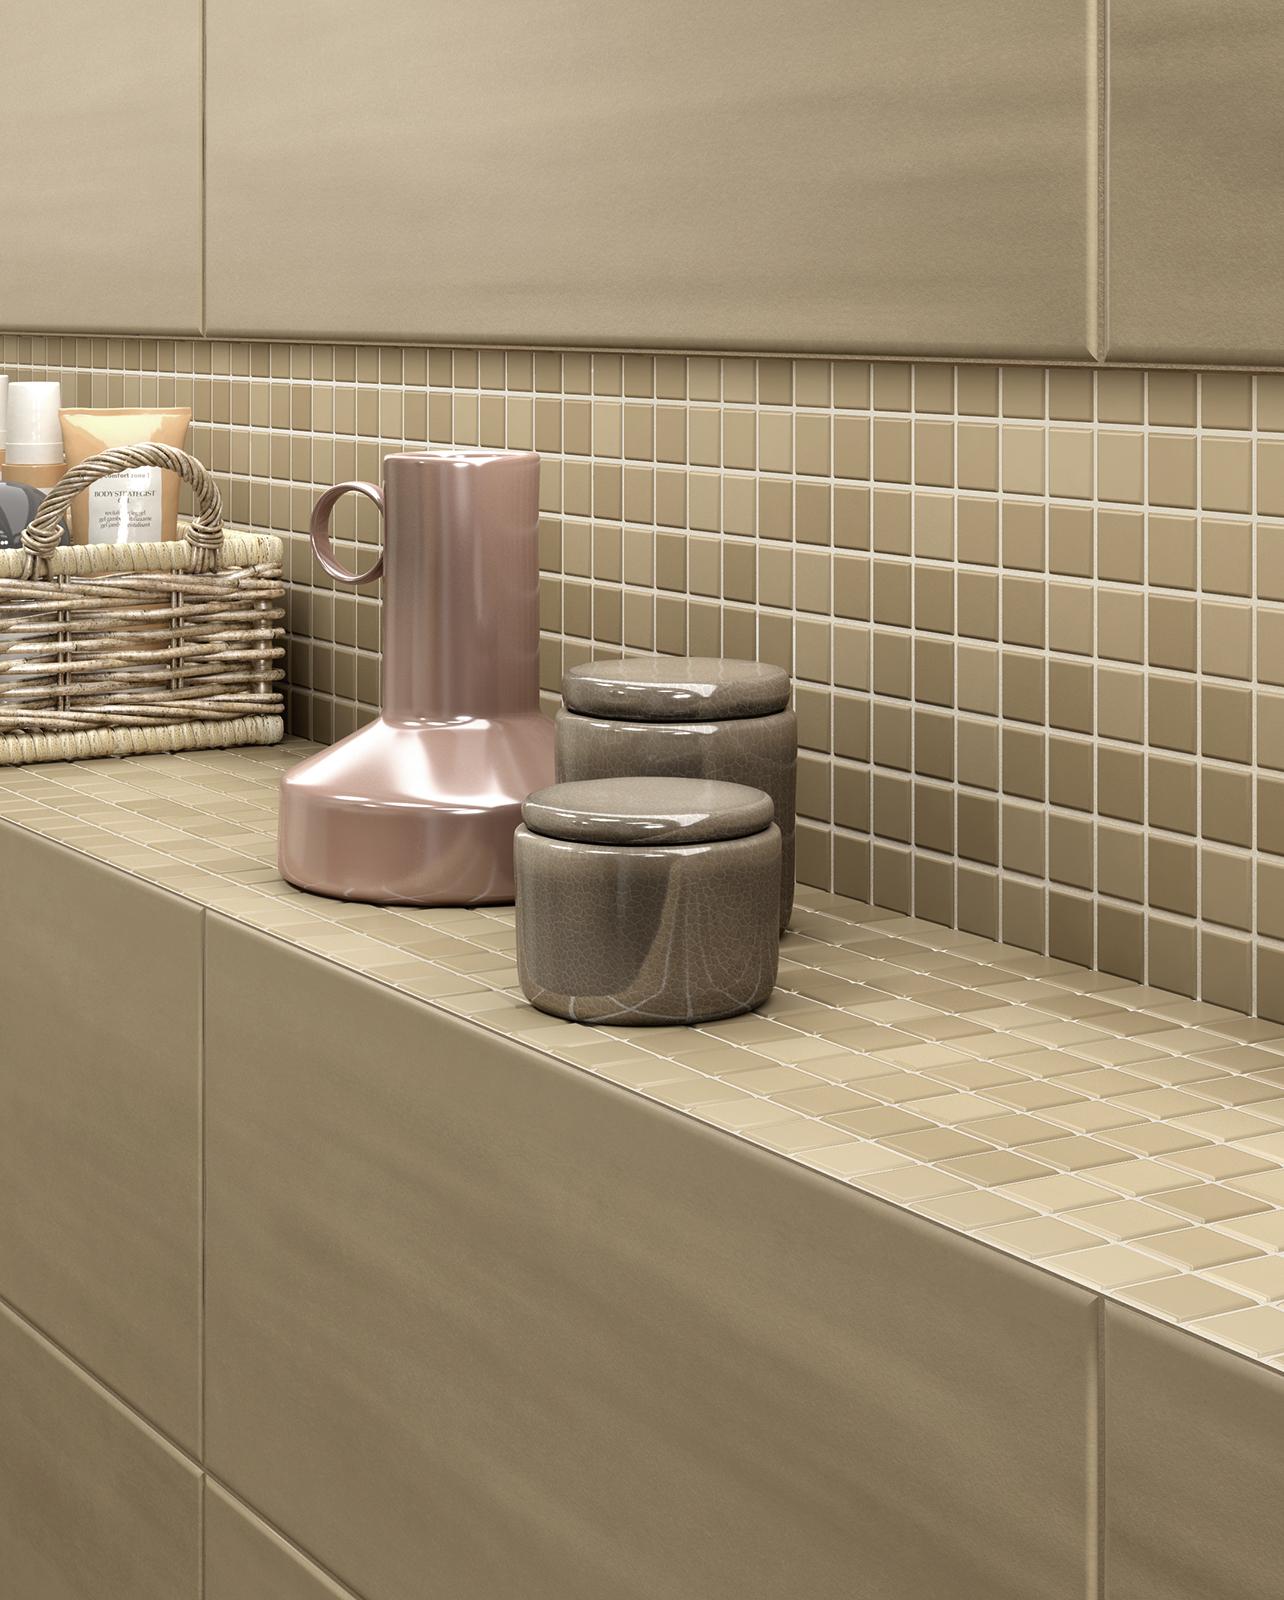 Piastrelle a mosaico per bagno e altri ambienti marazzi for Piastrelle cucina marazzi